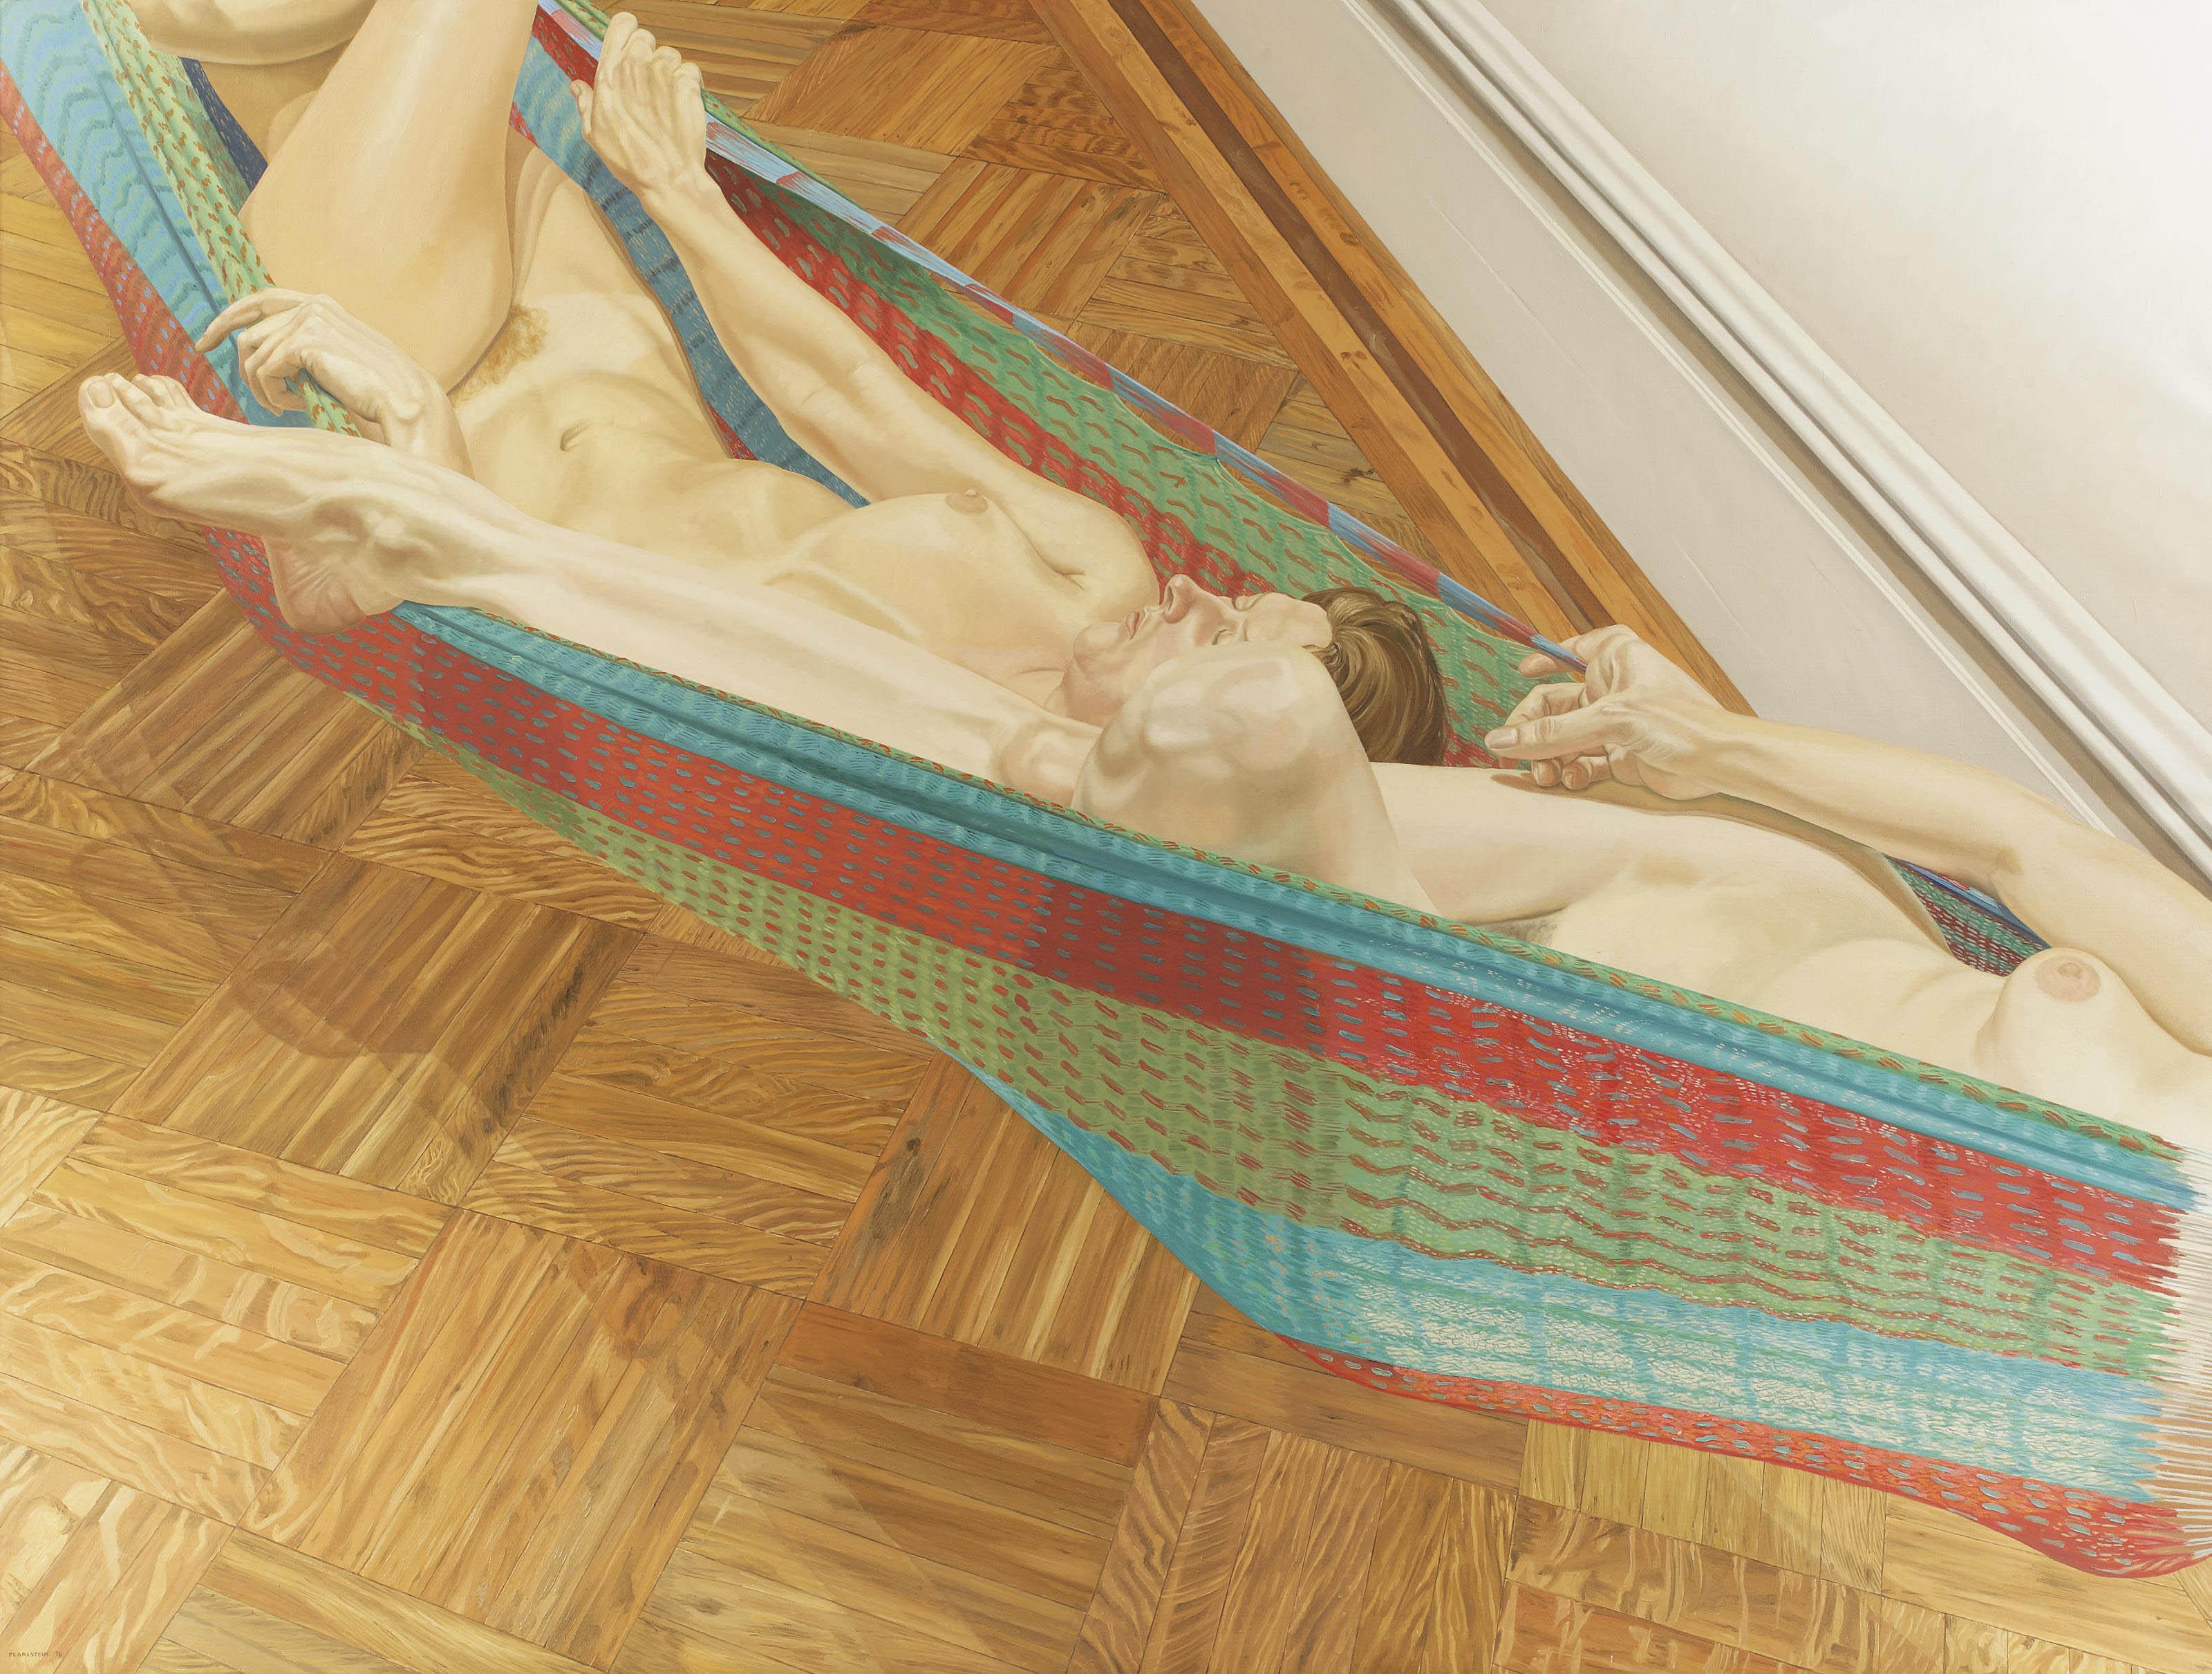 Two female models in hammock